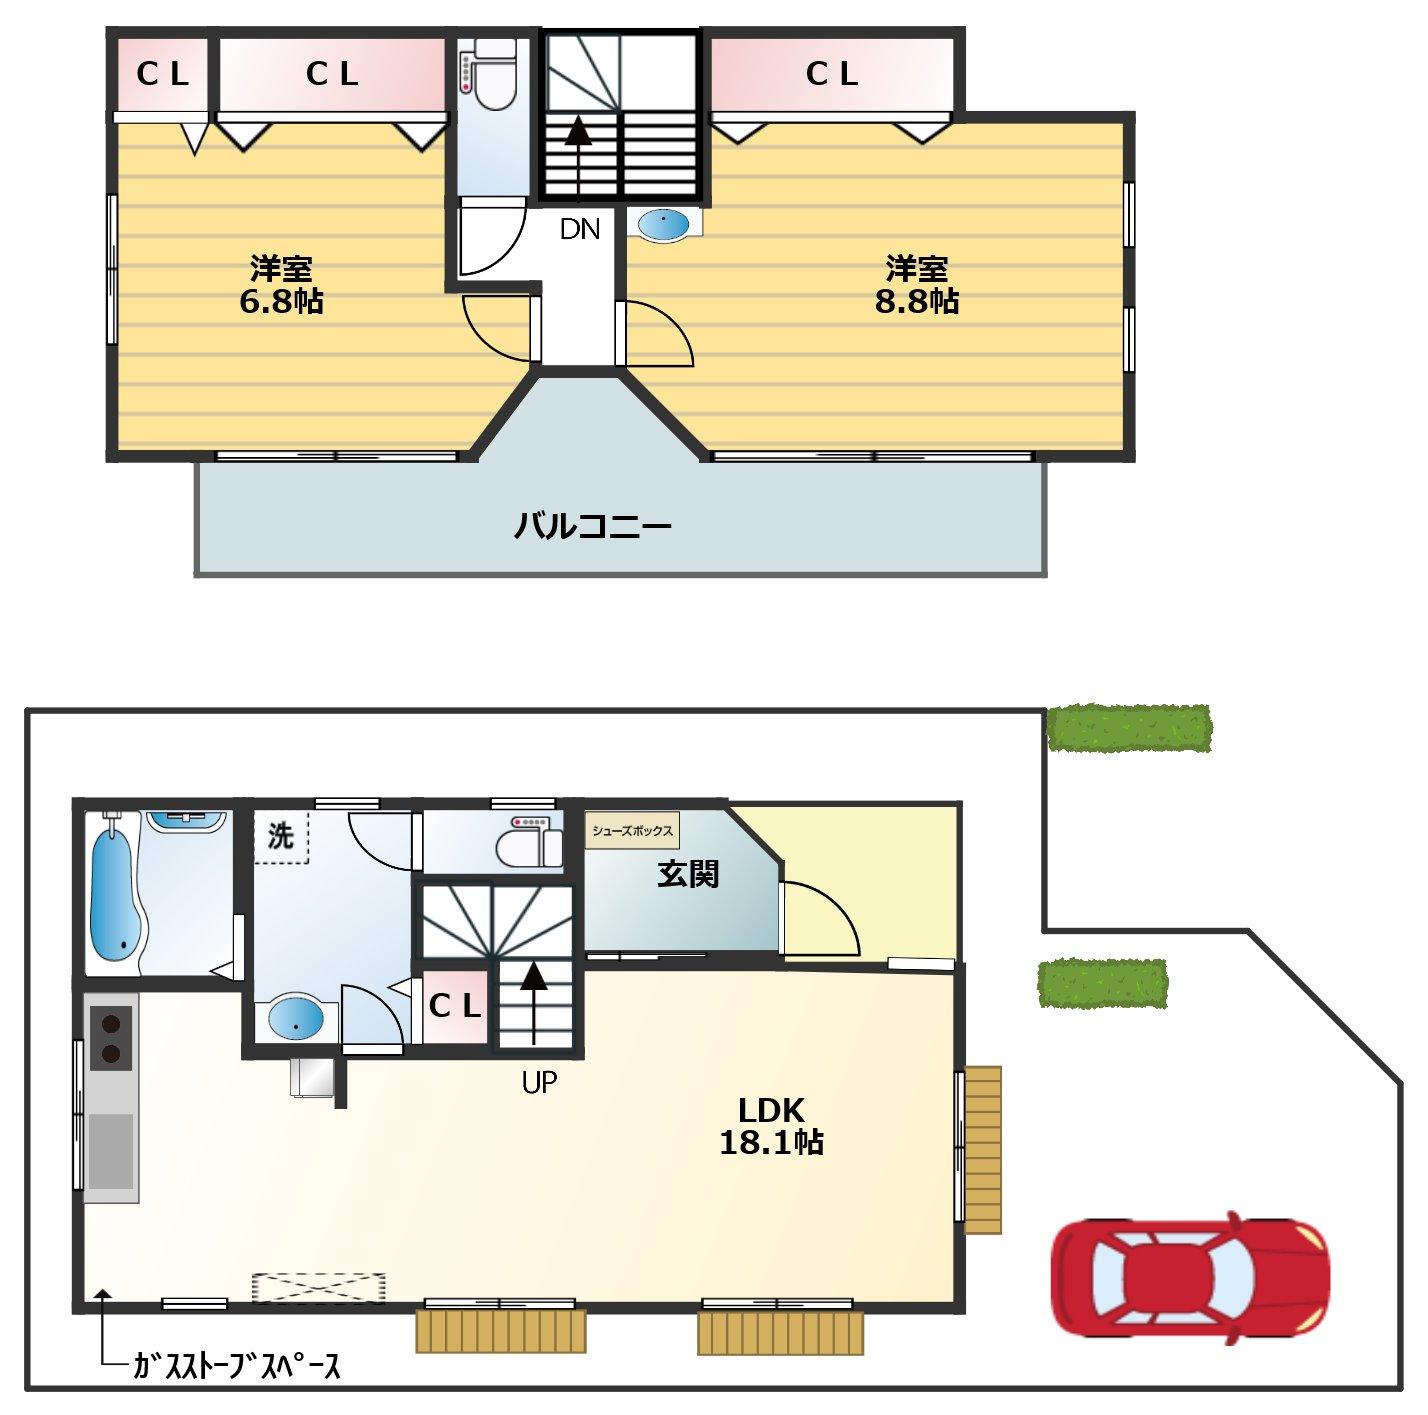 V8 ハウス